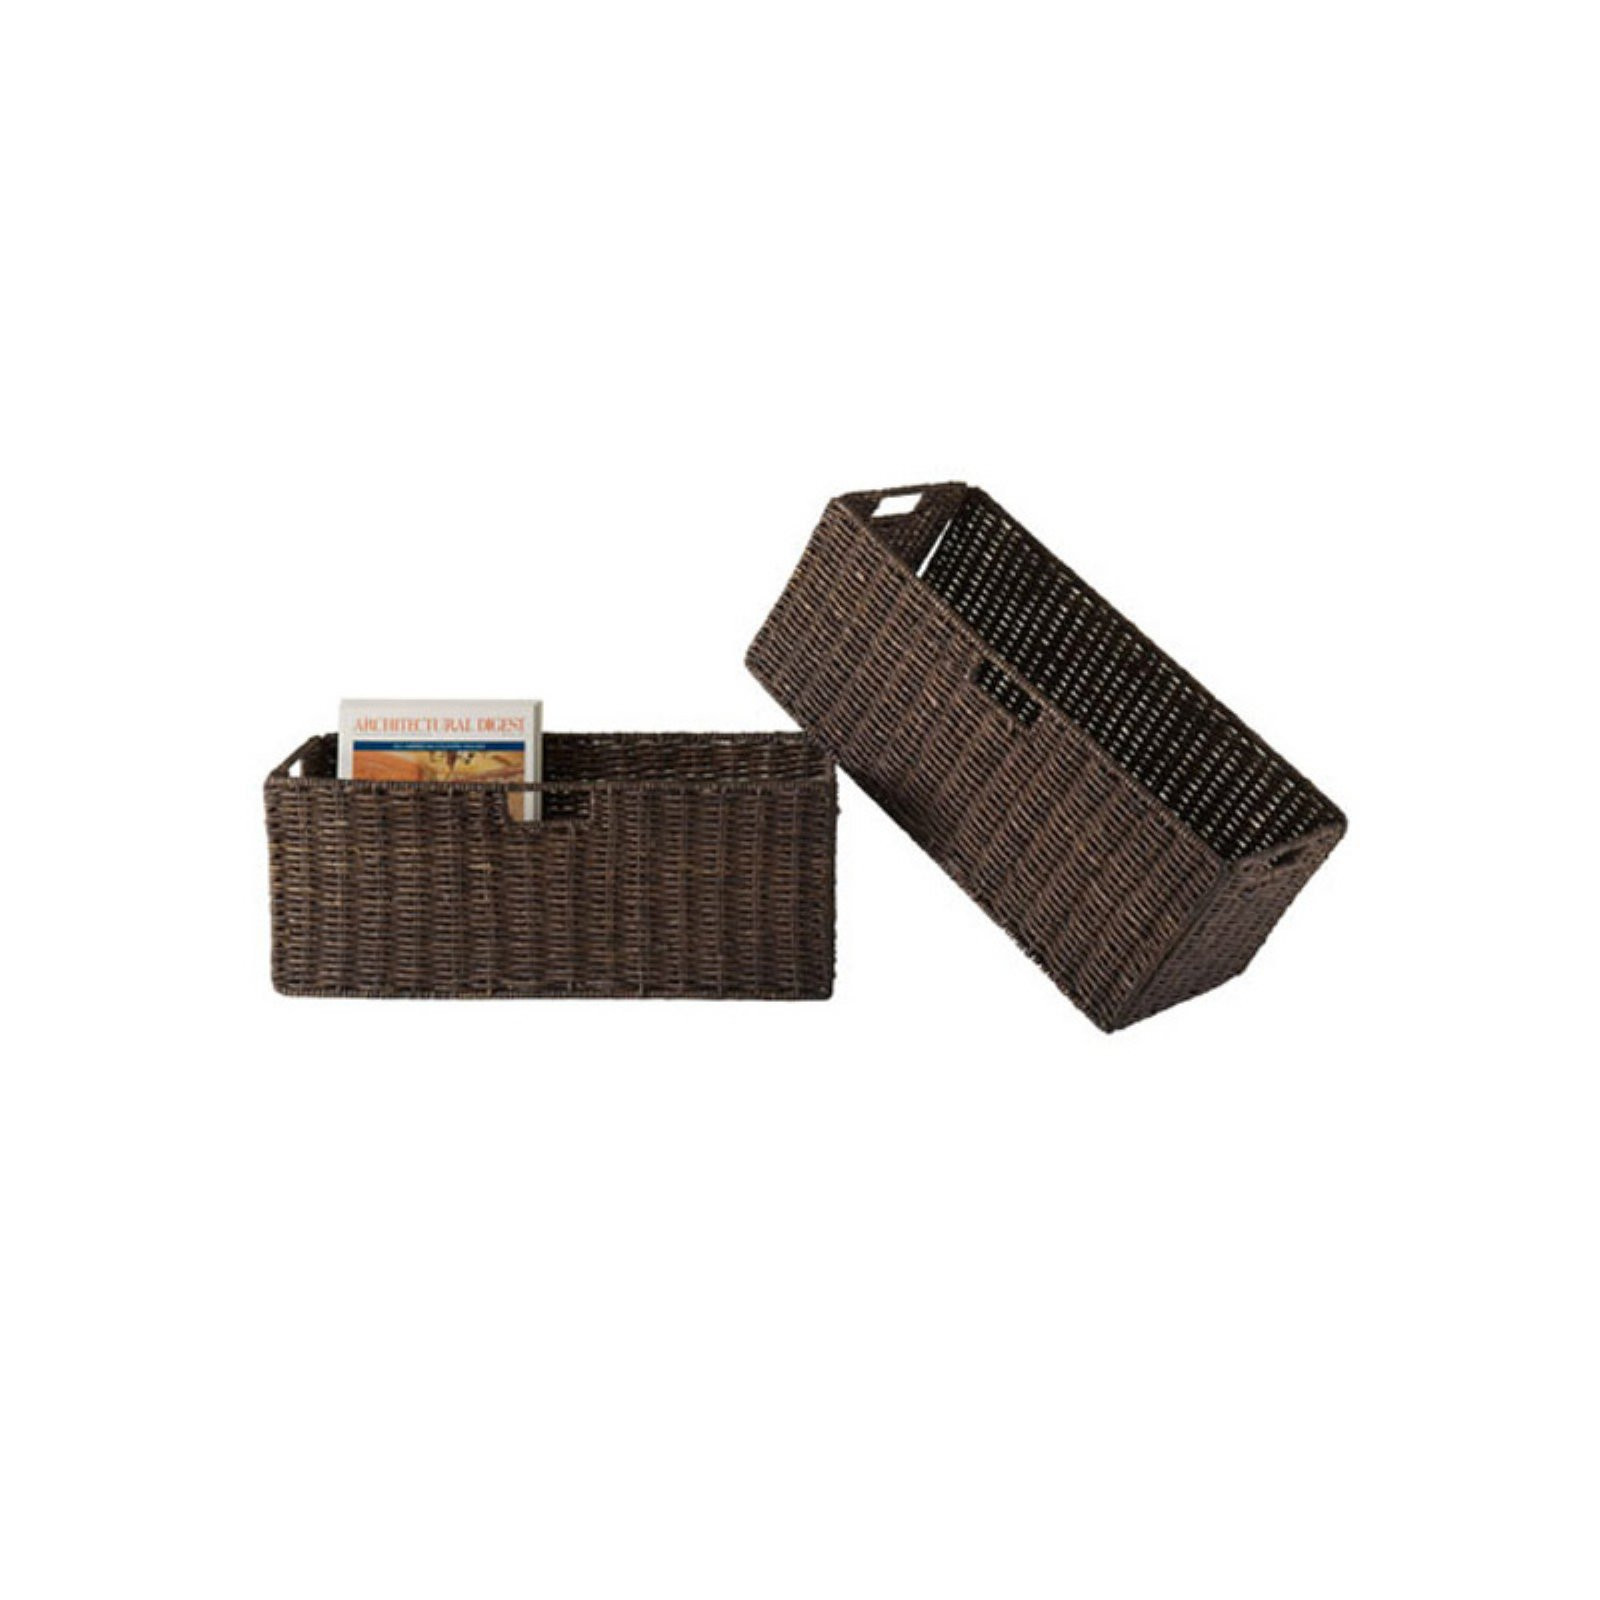 Foldable Corn Husk Decorative Storage Basket - Set of 2 - Large Chocolate